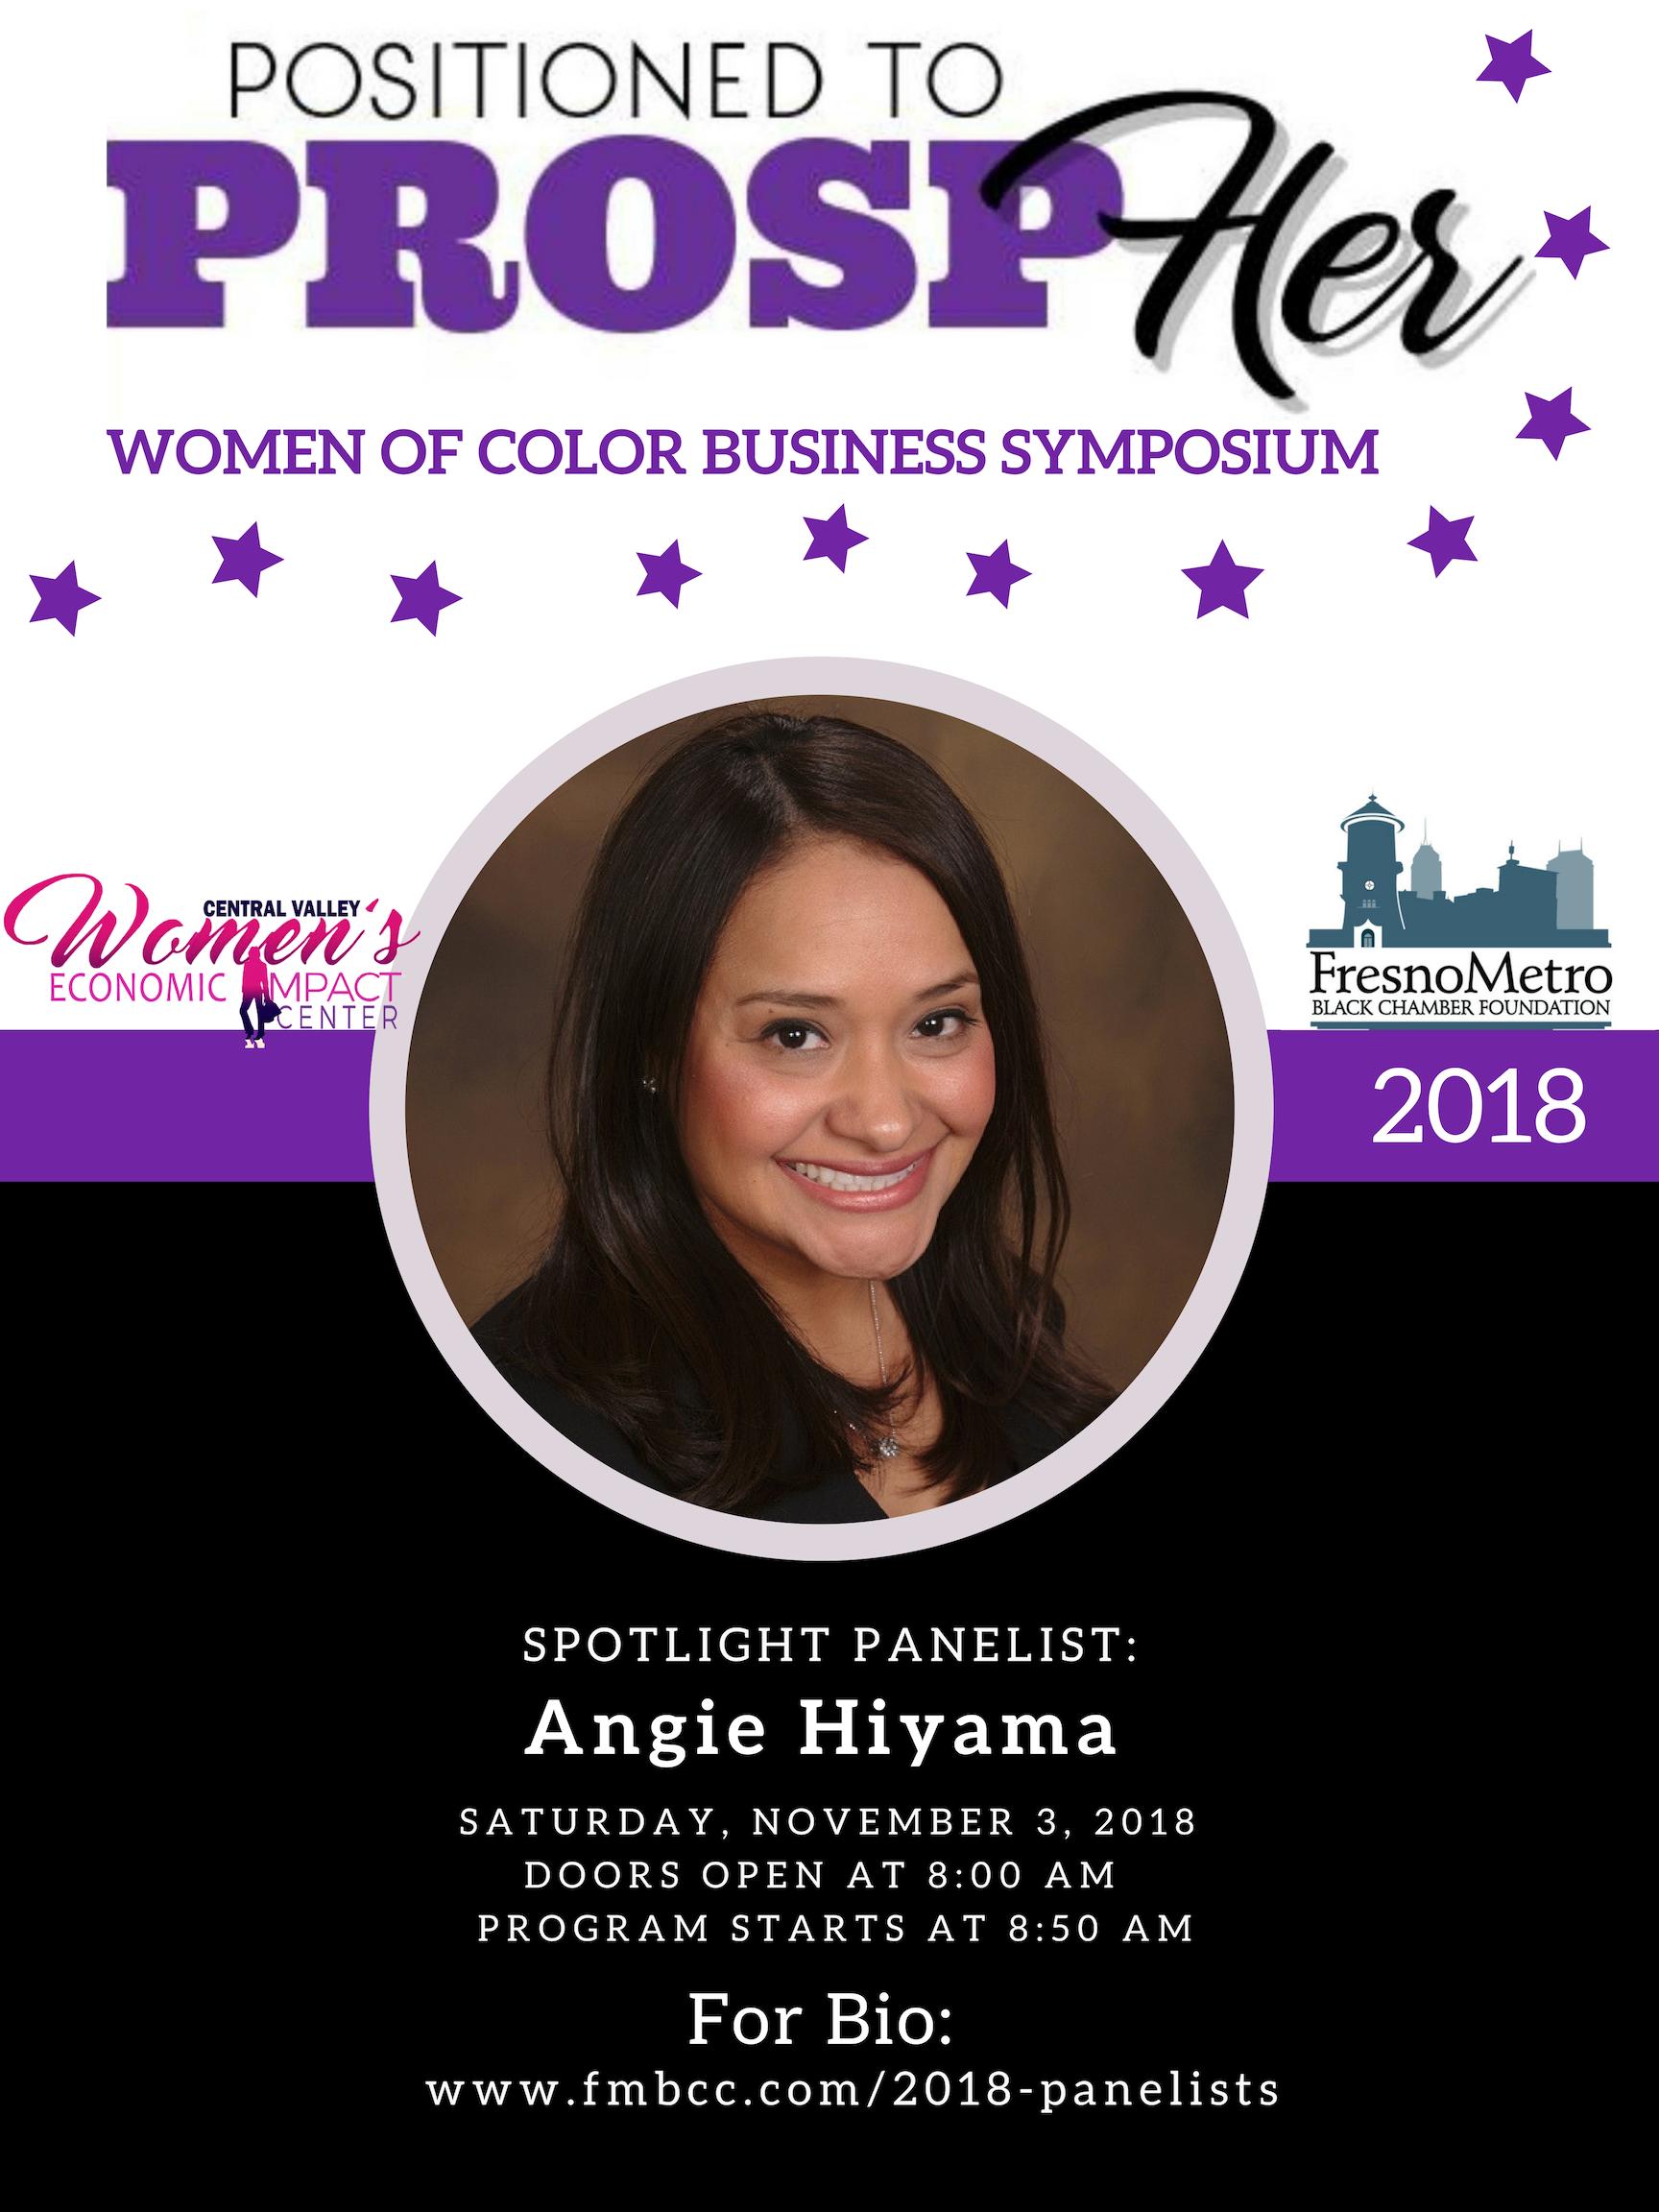 Angie Hiyama